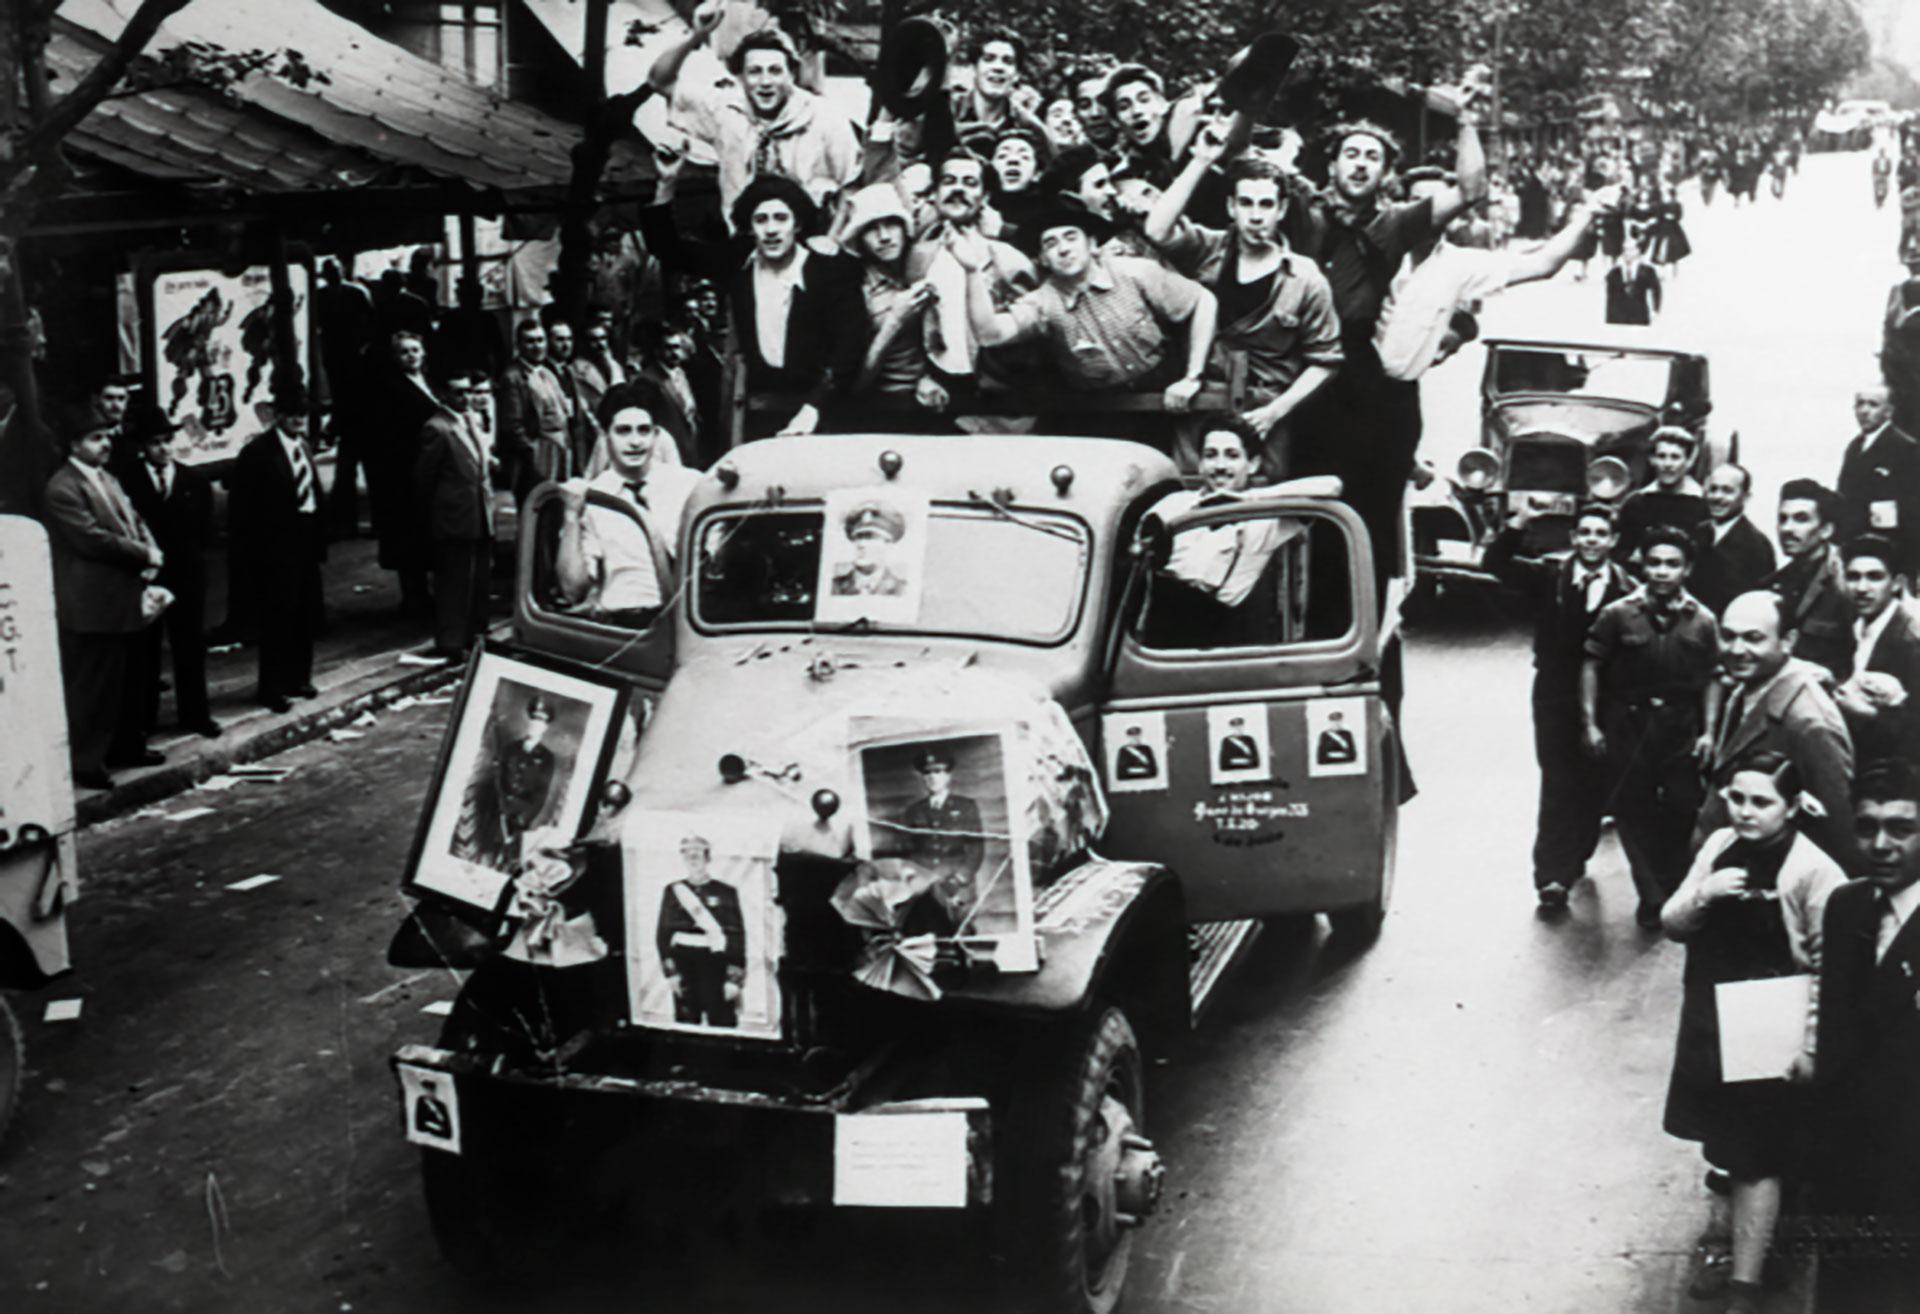 17 de octubre: las condiciones que Perón exigió a los militares para desactivar la movilización en Plaza de Mayo - Infobae